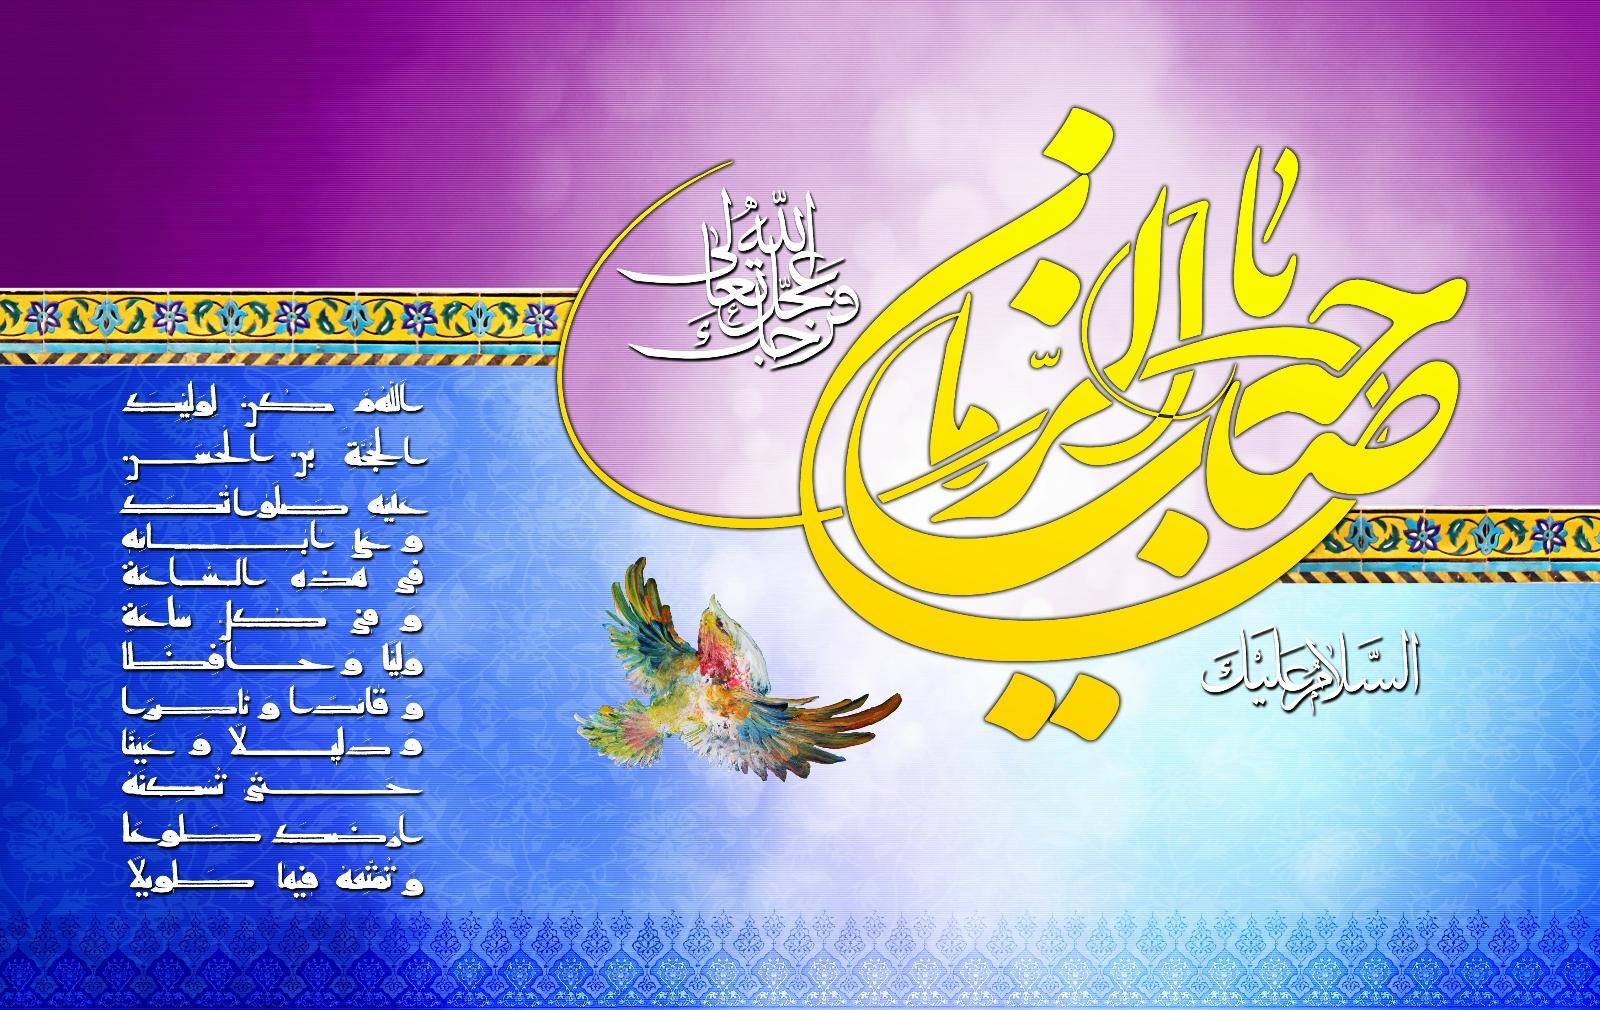 saheb-az-zman1